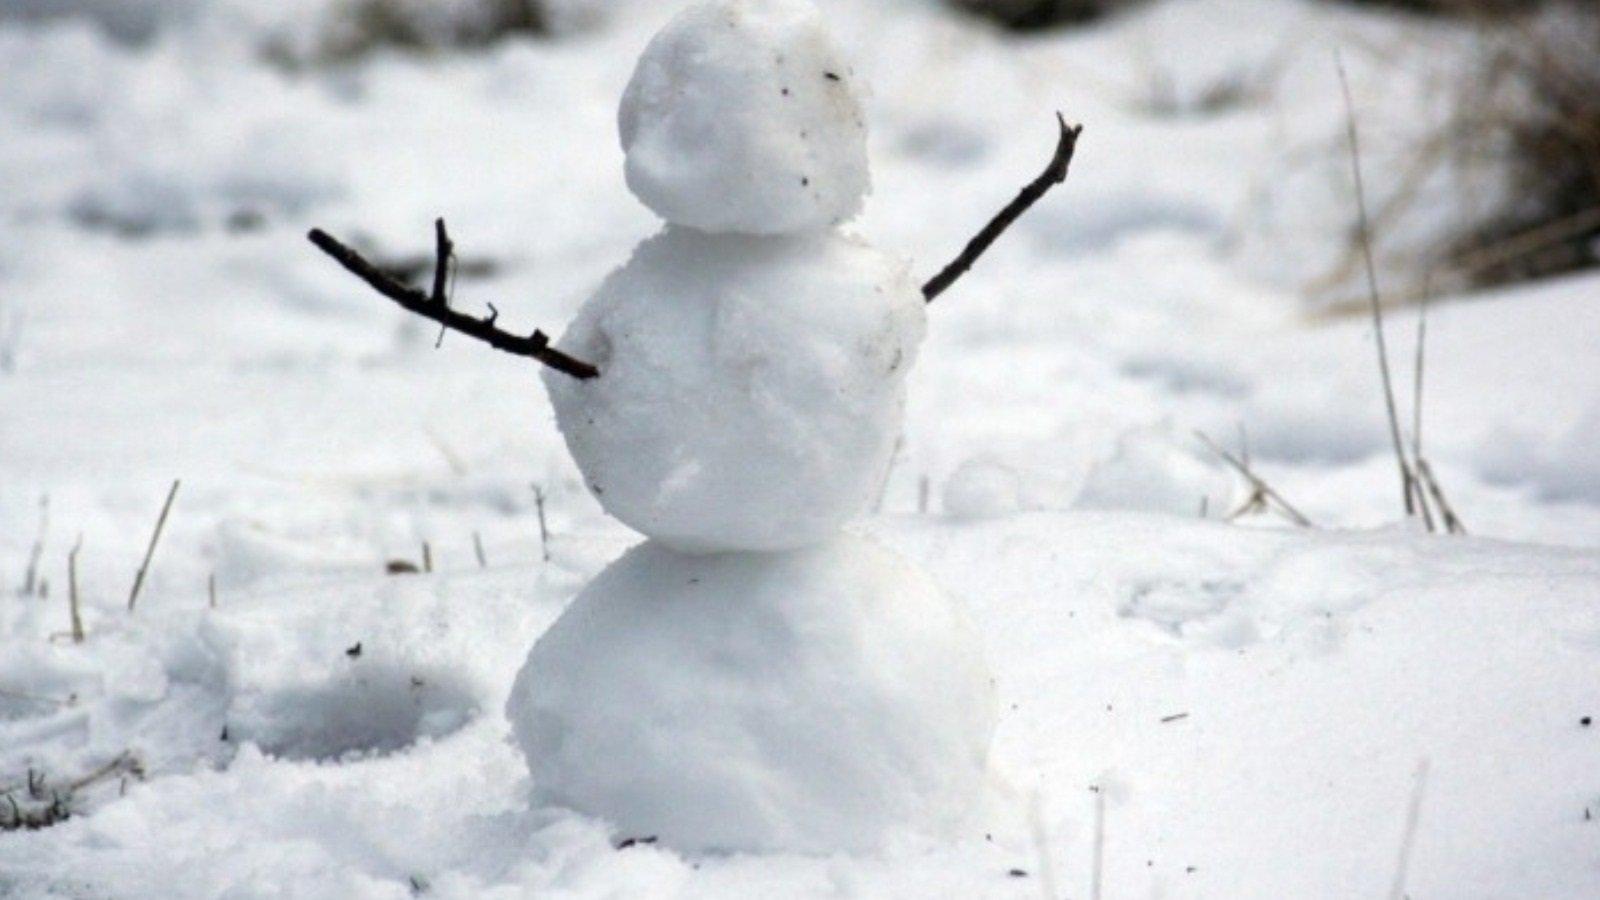 Зима 2020 - 2021 буде аномальною: в Укргідрометцентрі оприлюднили новий прогноз погоди